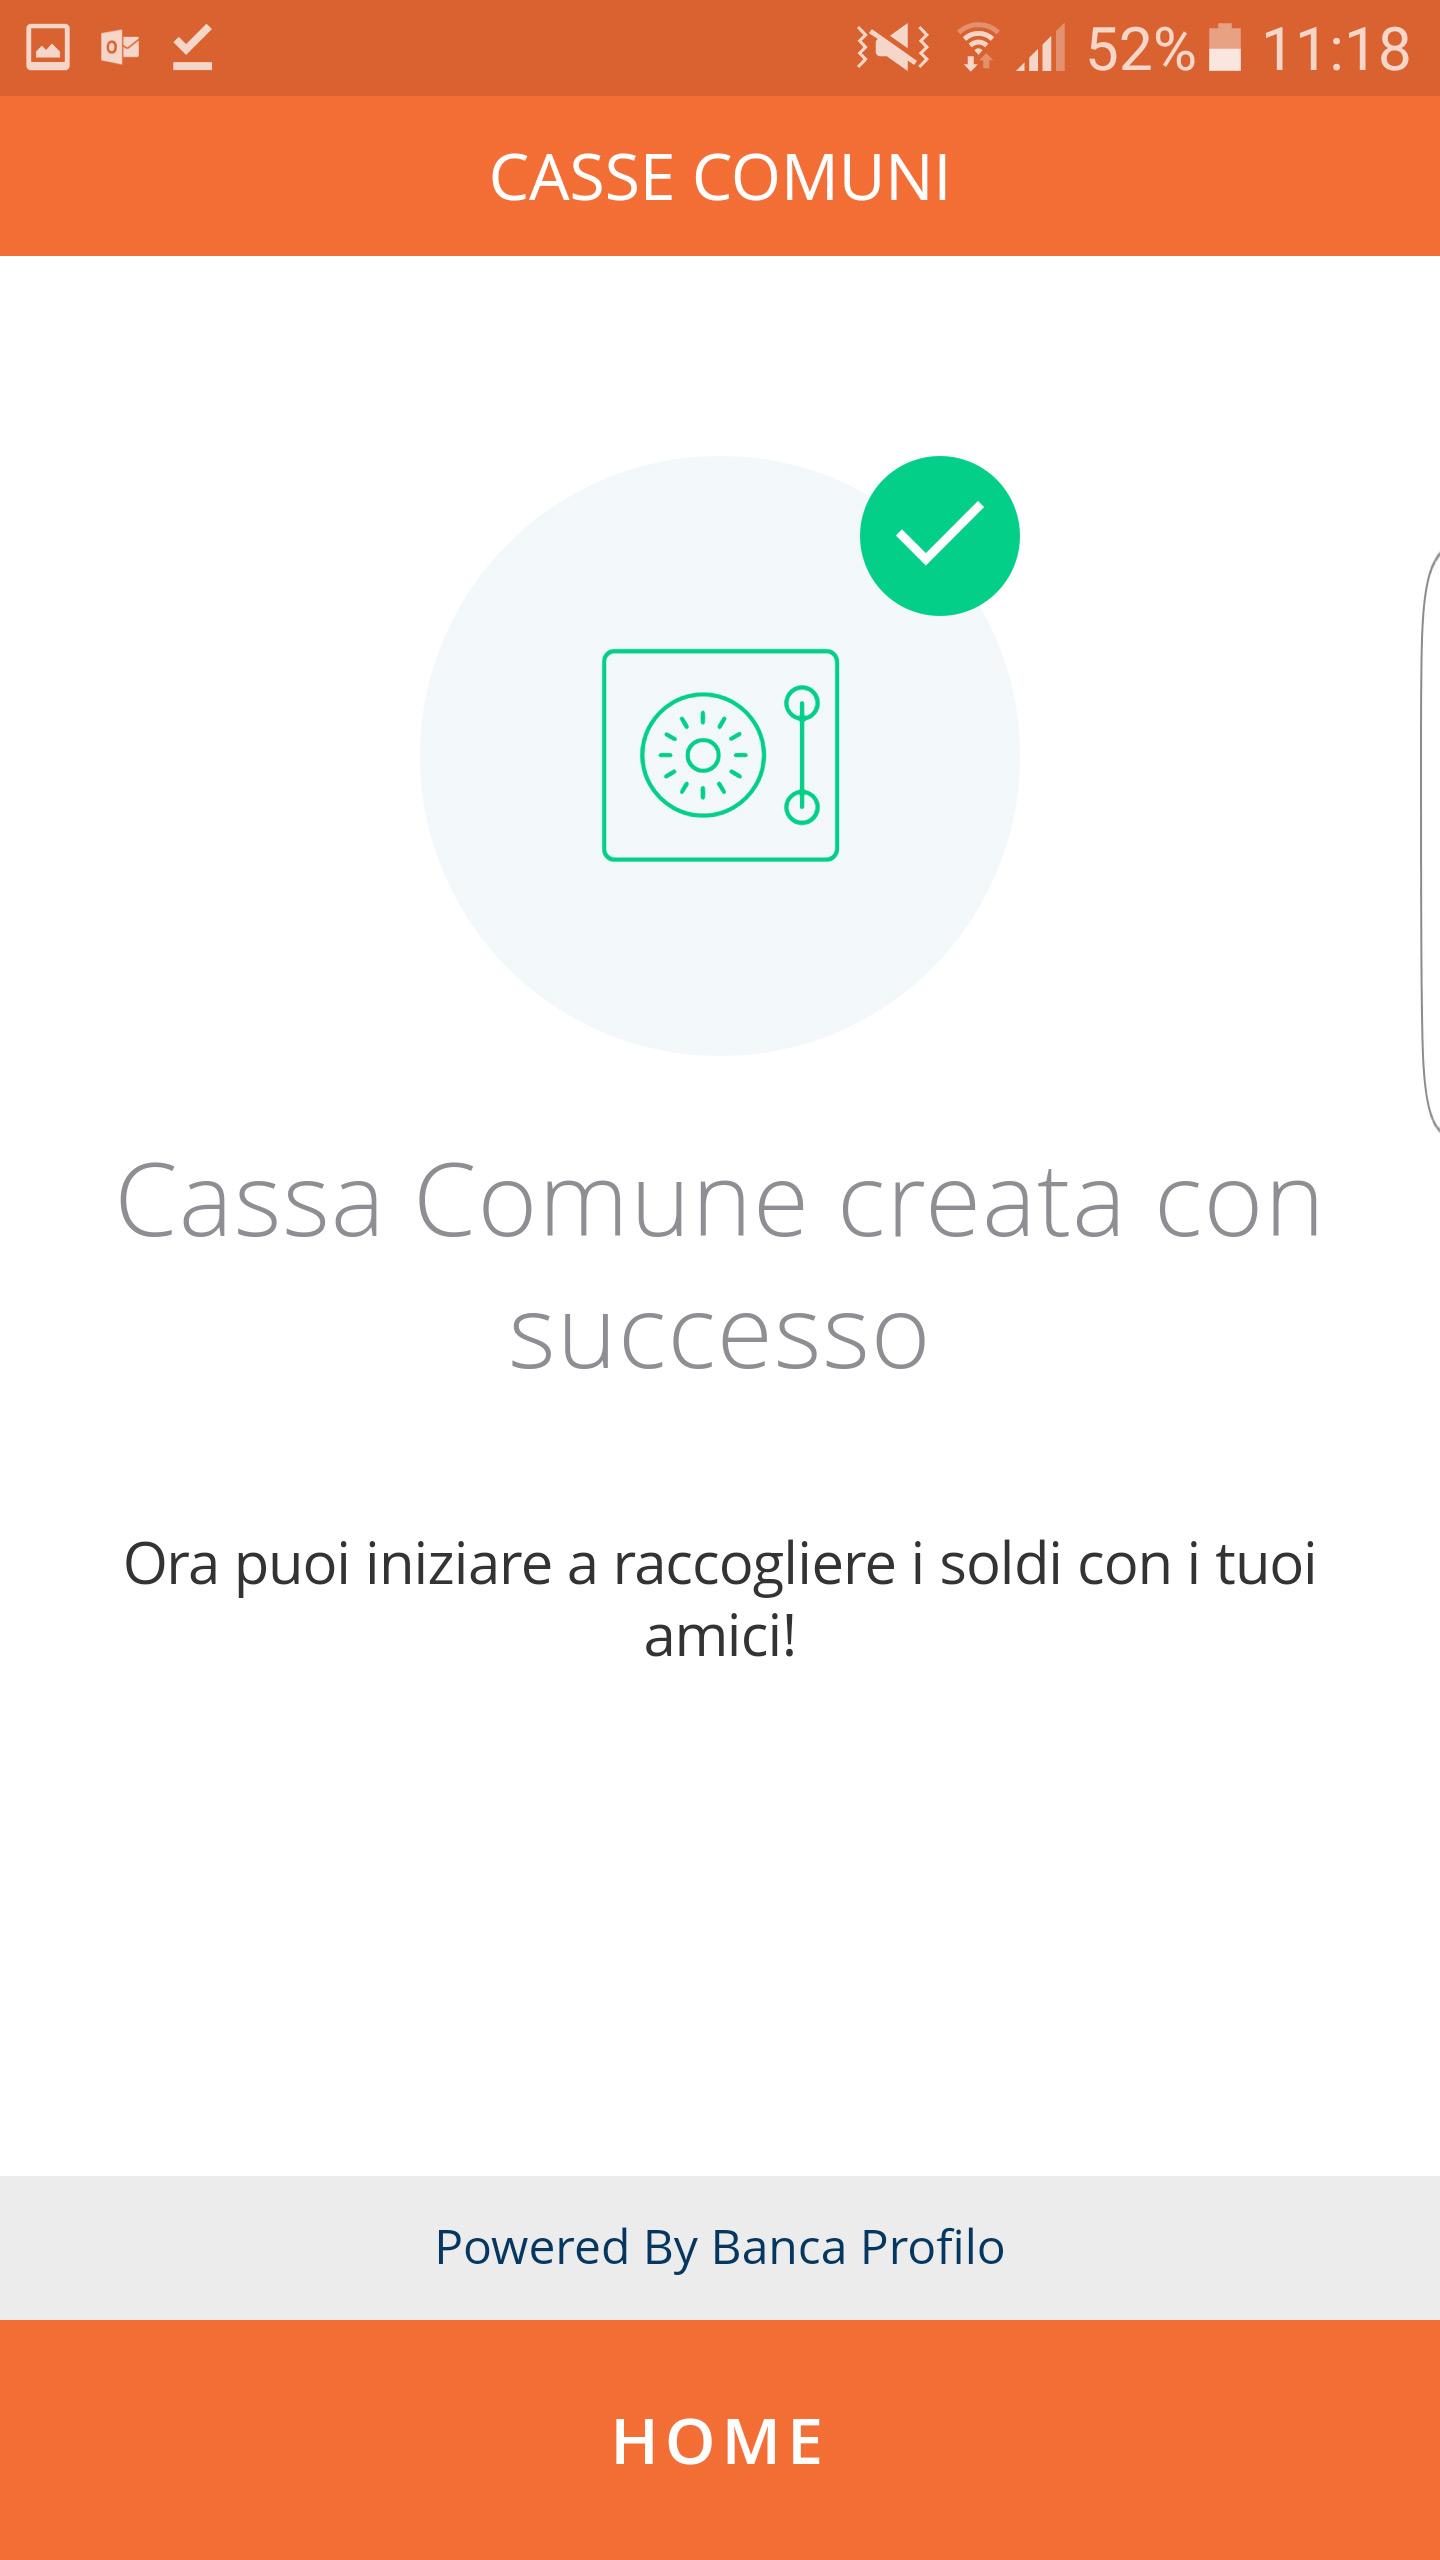 Cassa comune: la nuova frontiera della condivisione del denaro